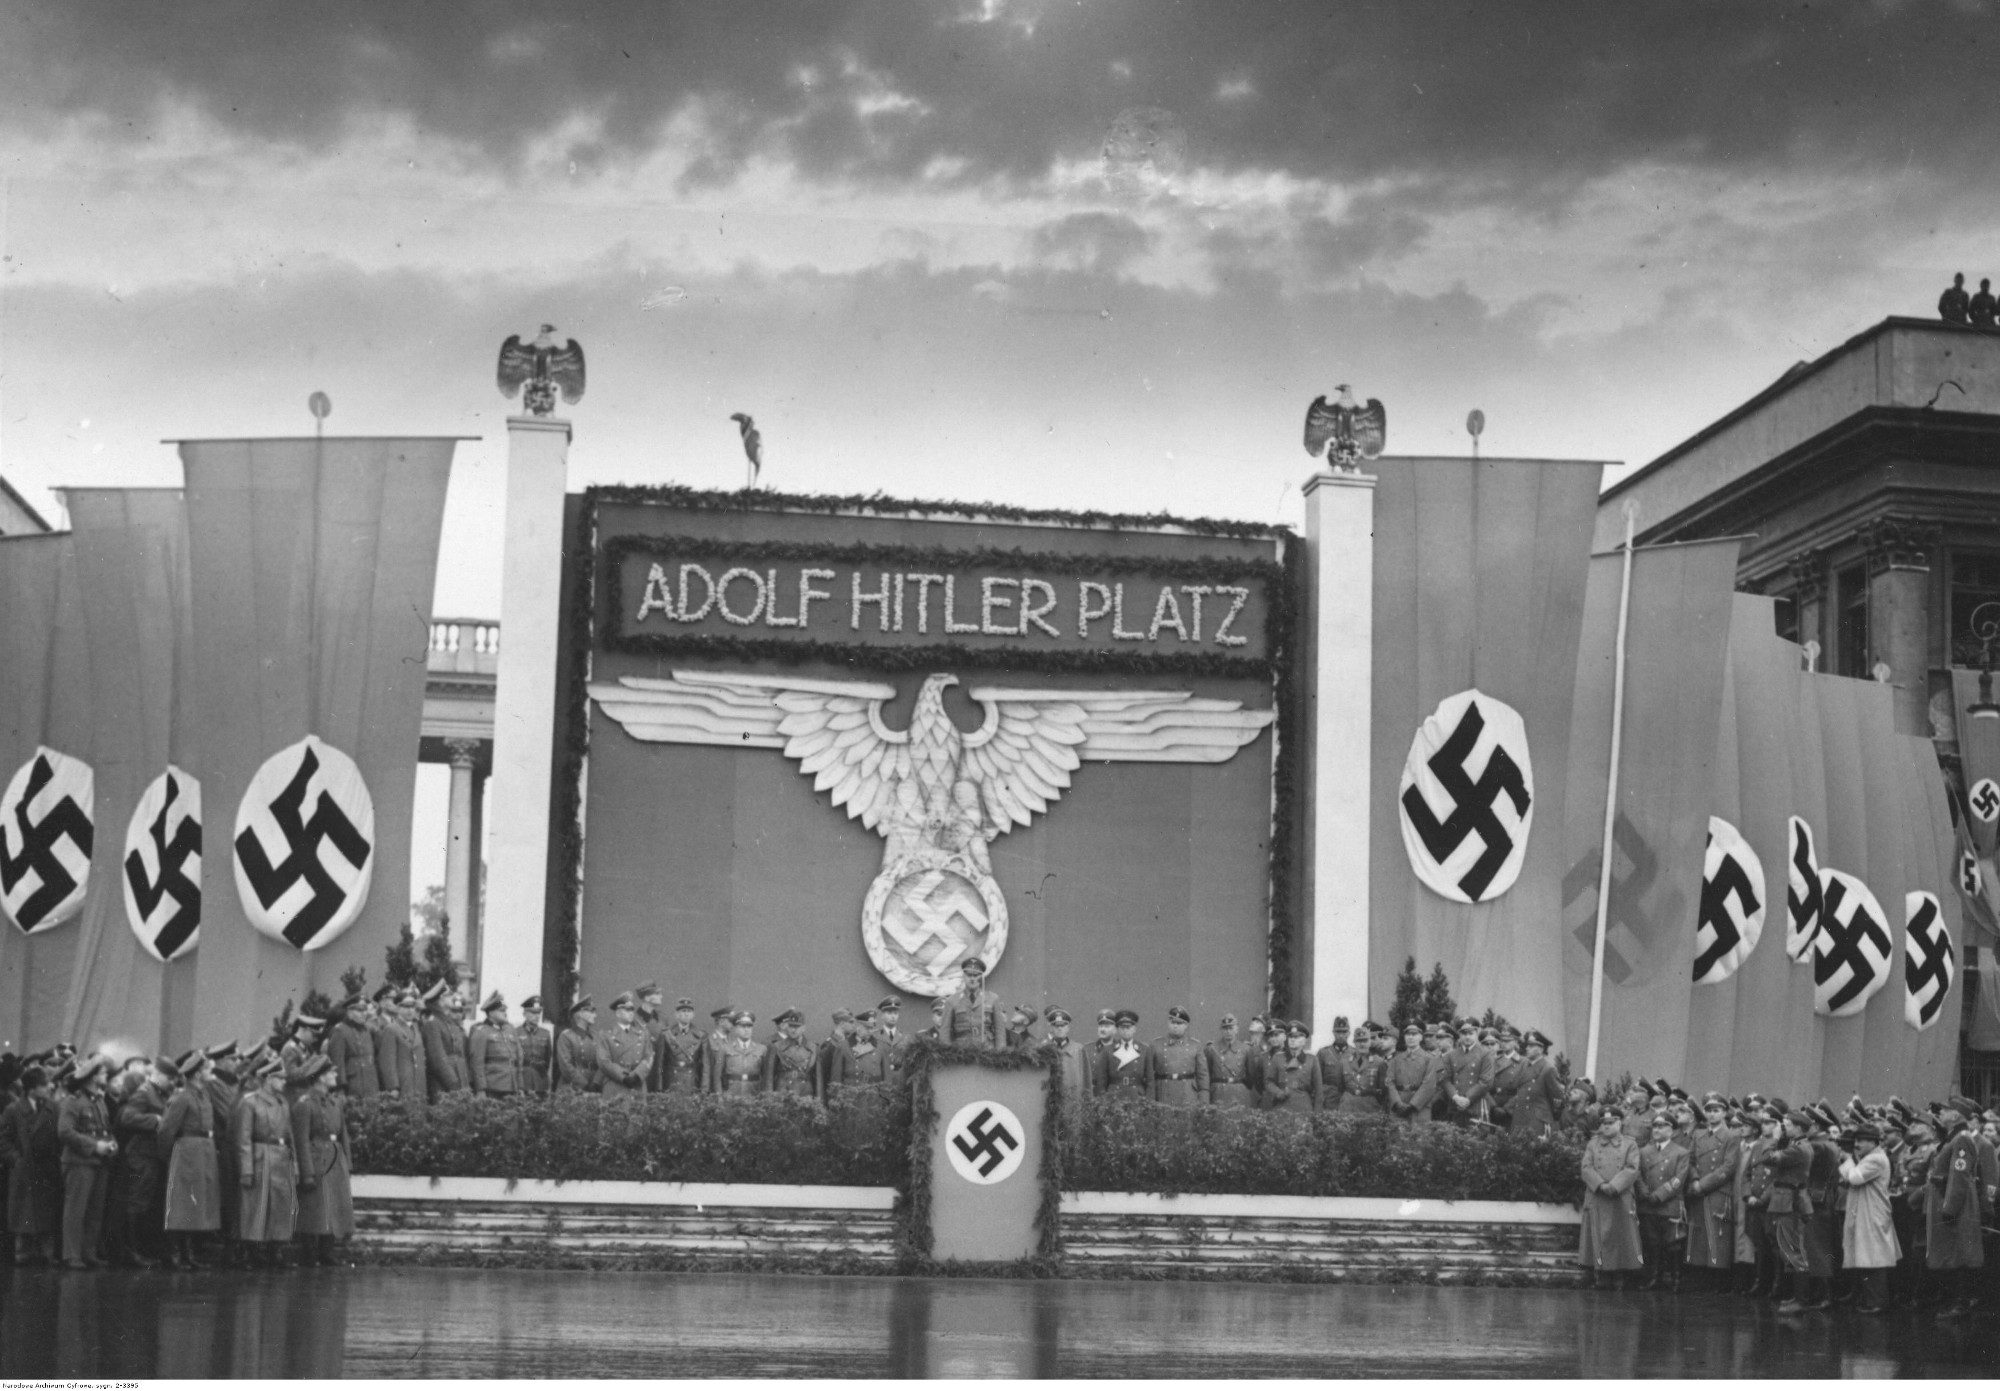 Uroczystości z okazji pierwszej rocznicy wybuchu II wojny światowej. Przemianowanie placu Saskiego na plac Adolfa Hitlera. Przemawia starosta Warszawy Ludwig Leist. Widoczna dekoracja z flagami i godłem III Rzeszy, 1 września 1940 r. (fot. Narodowe Archiwum Cyfrowe)